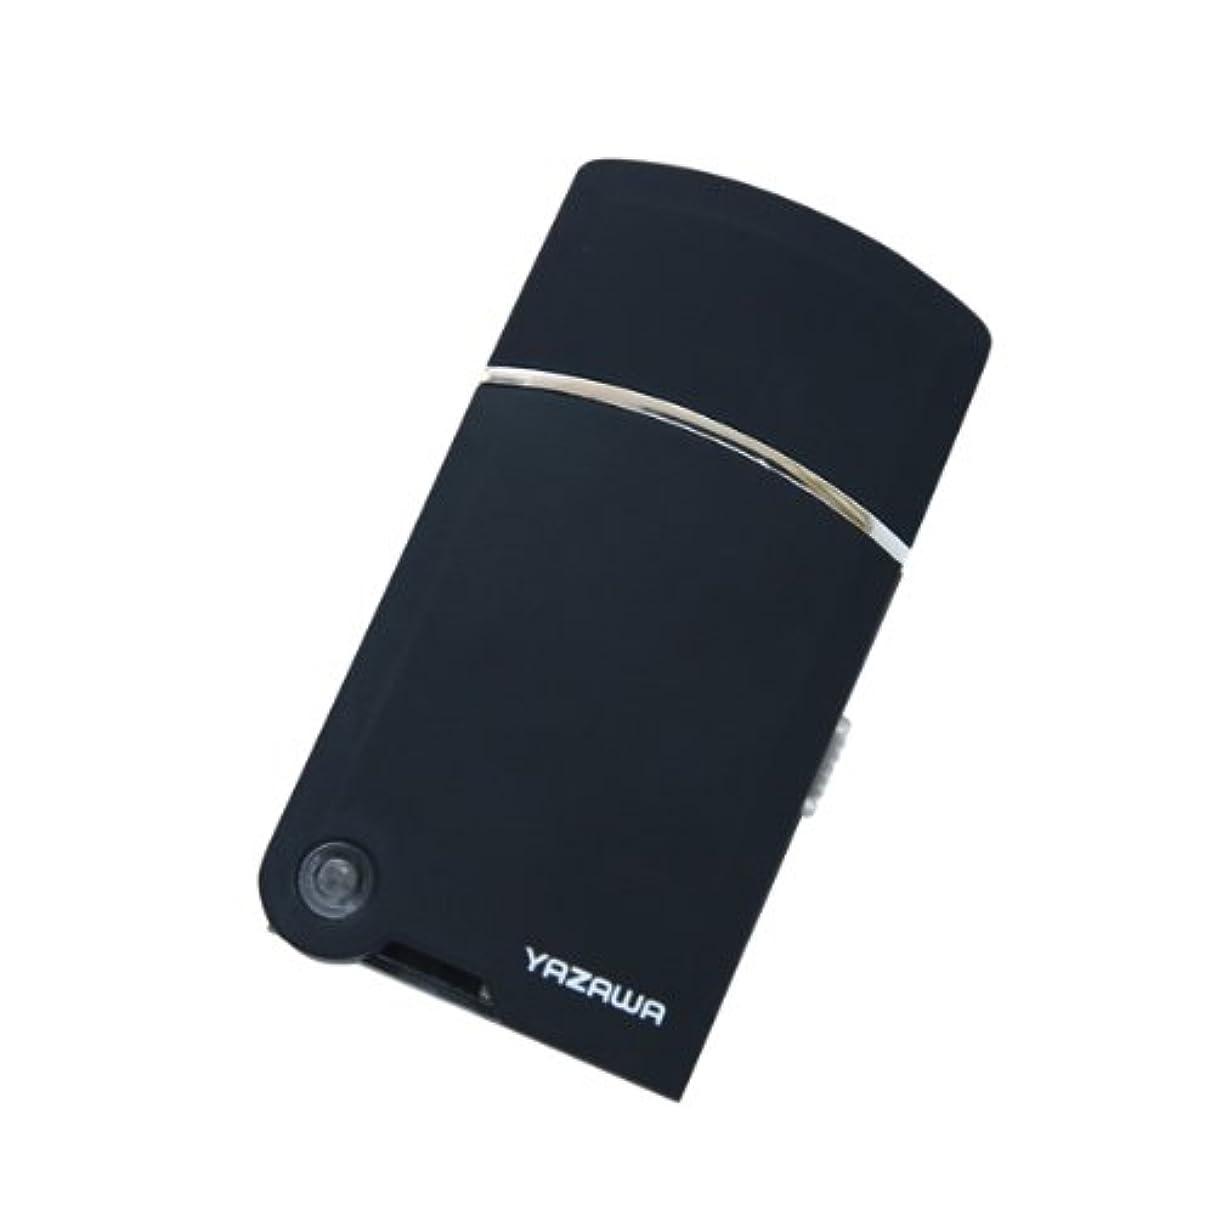 ハック夏計算ヤザワ トラベルUSBシェーバー USB充電式 掃除用ブラシ付き TVR08BK